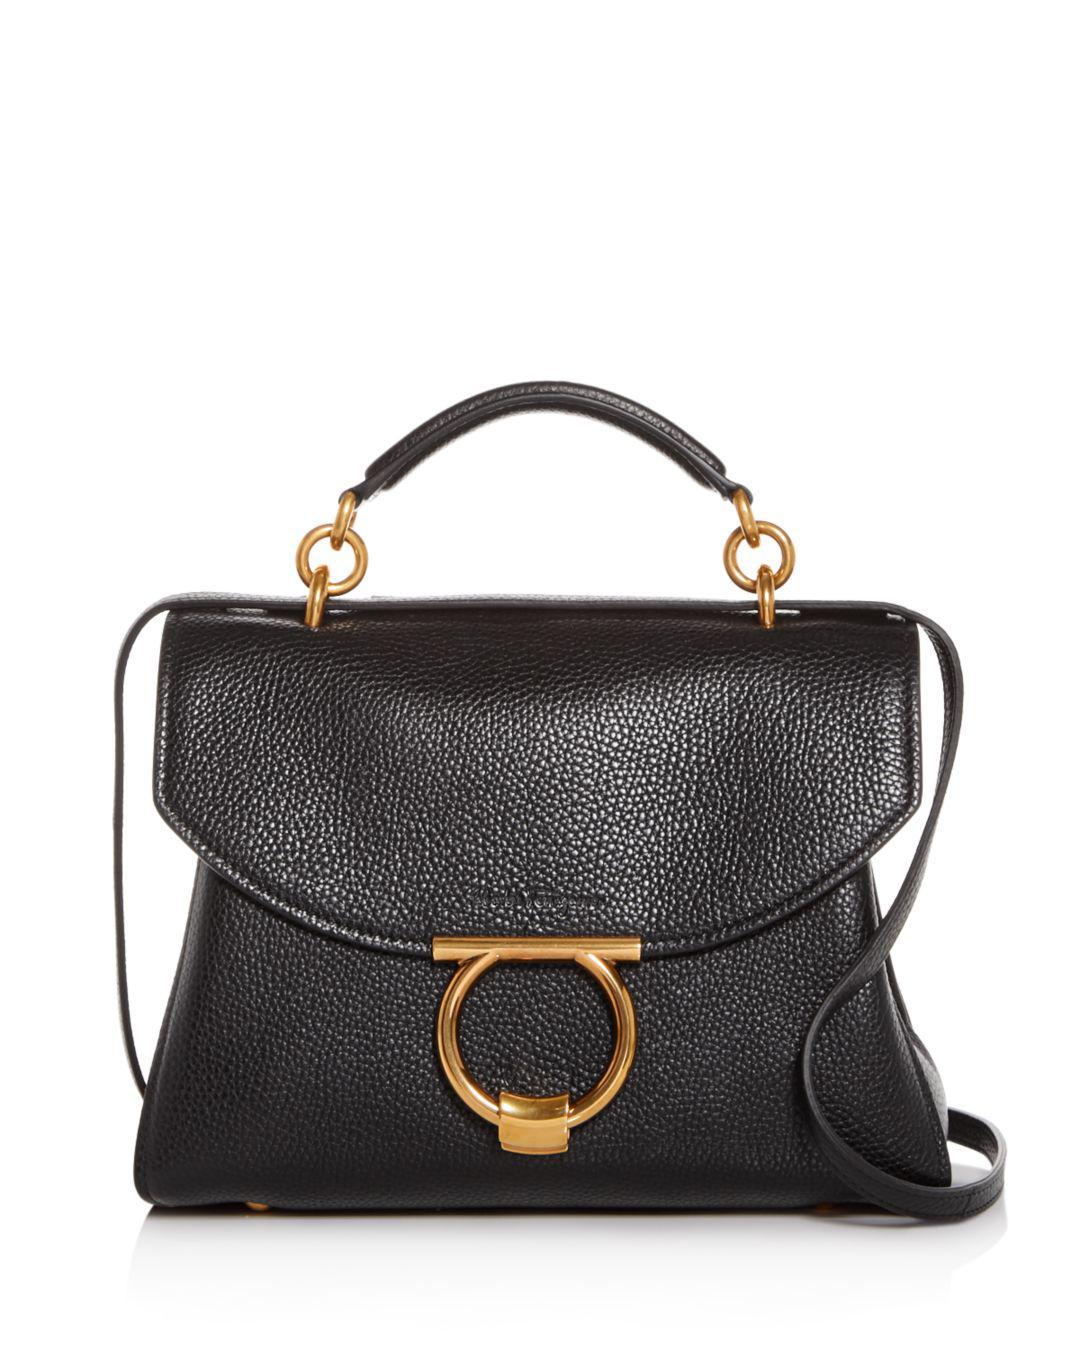 f0e929b9bd5e Lyst - Ferragamo Margot Small Leather Satchel in Black - Save 20%